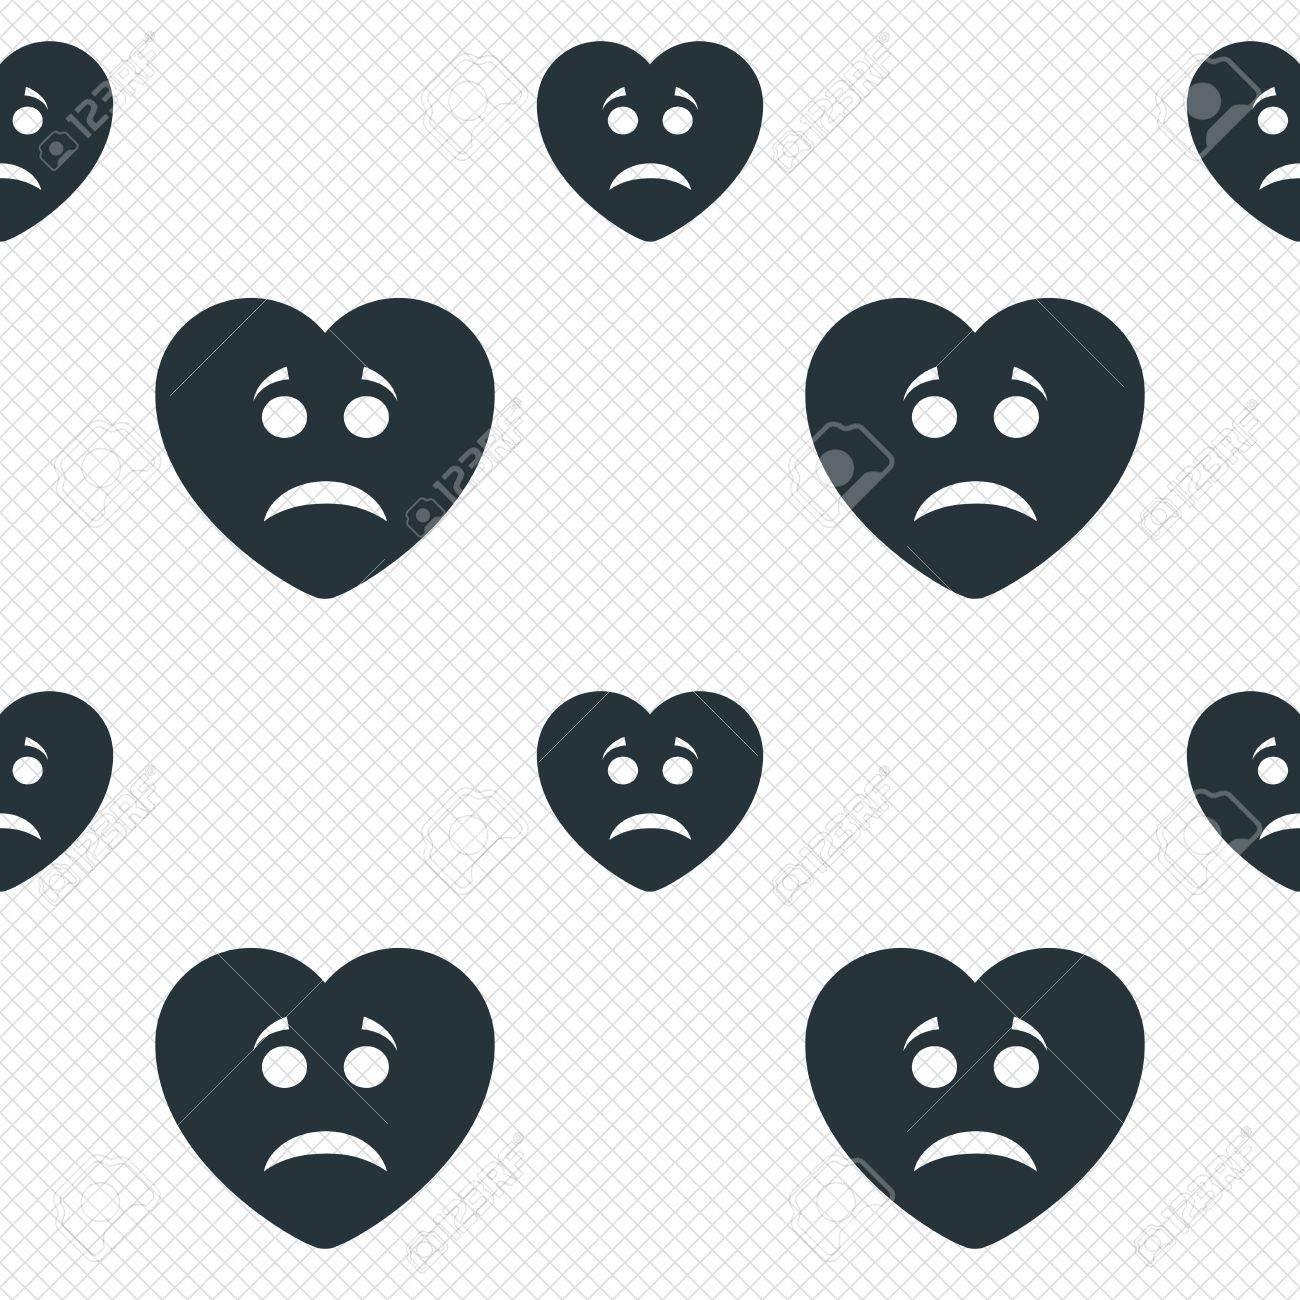 Foto de archivo , Triste signo icono cara del corazón. Tristeza símbolo  depresión de chat. Líneas de la cuadrícula Perfecta textura.